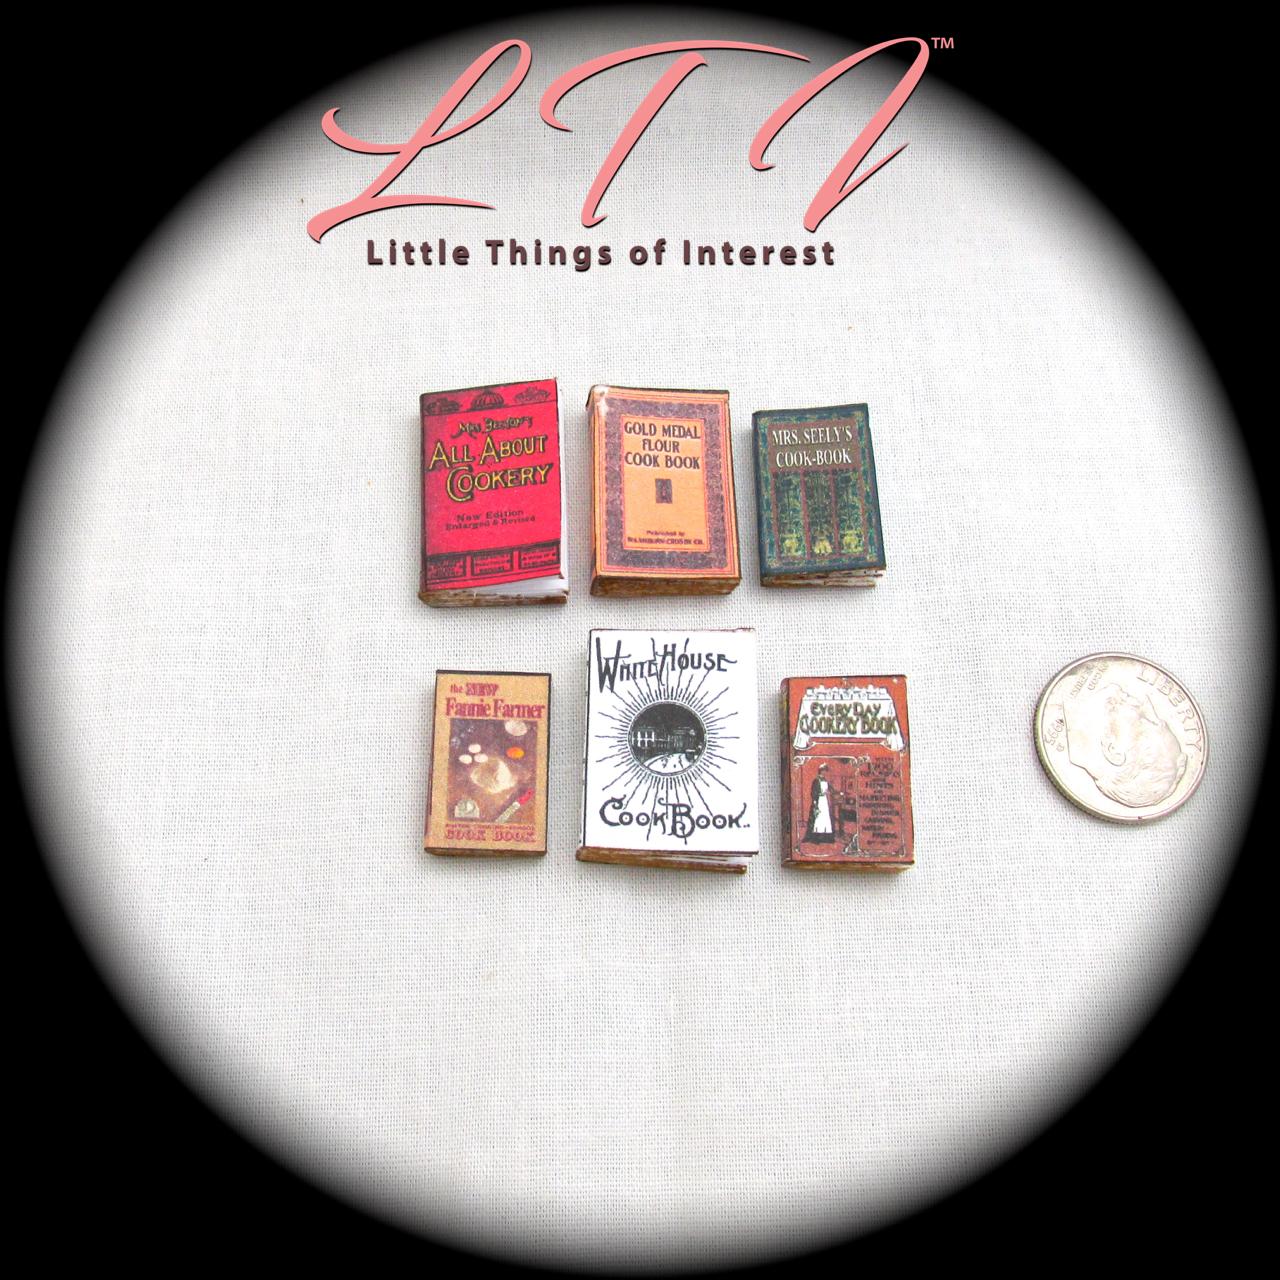 6 VINTAGE OLD COOKBOOKS Set Miniature Dollhouse 1:12 Scale Books PROP Faux 4